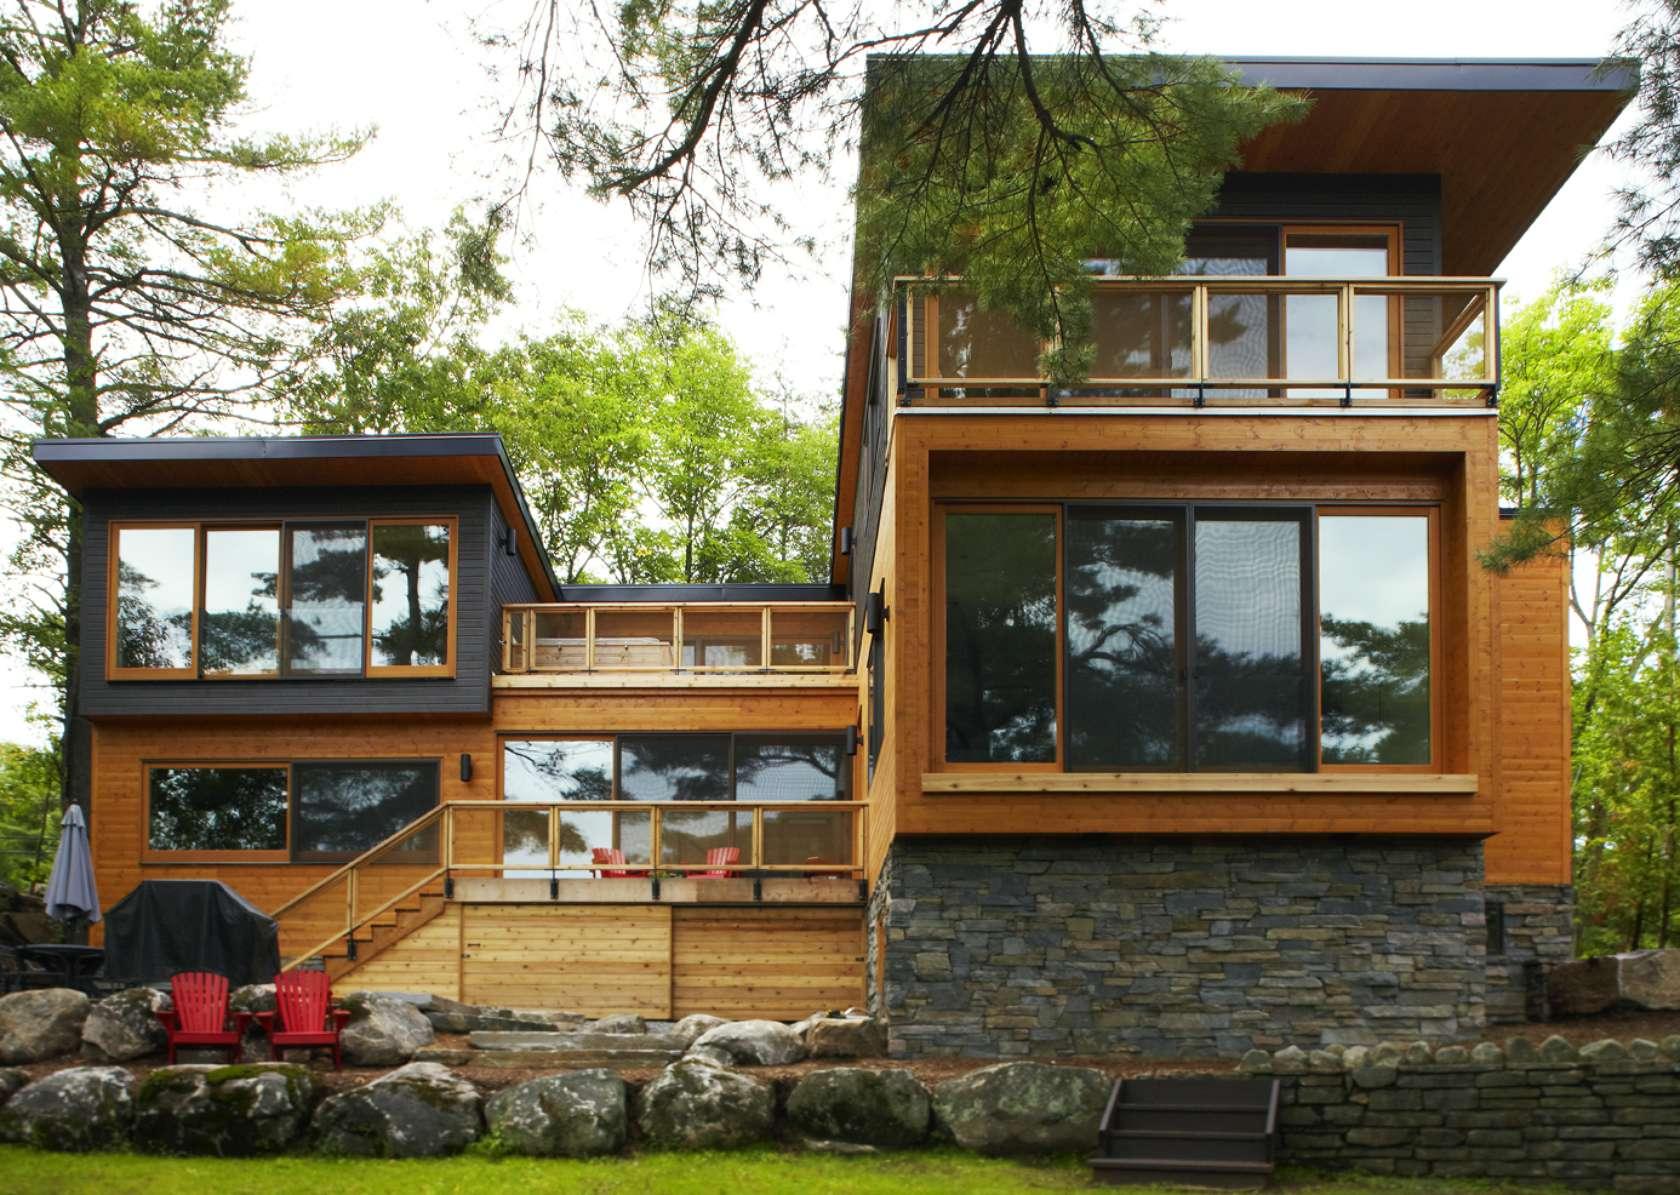 Desain Rumah Bambu Minimalis